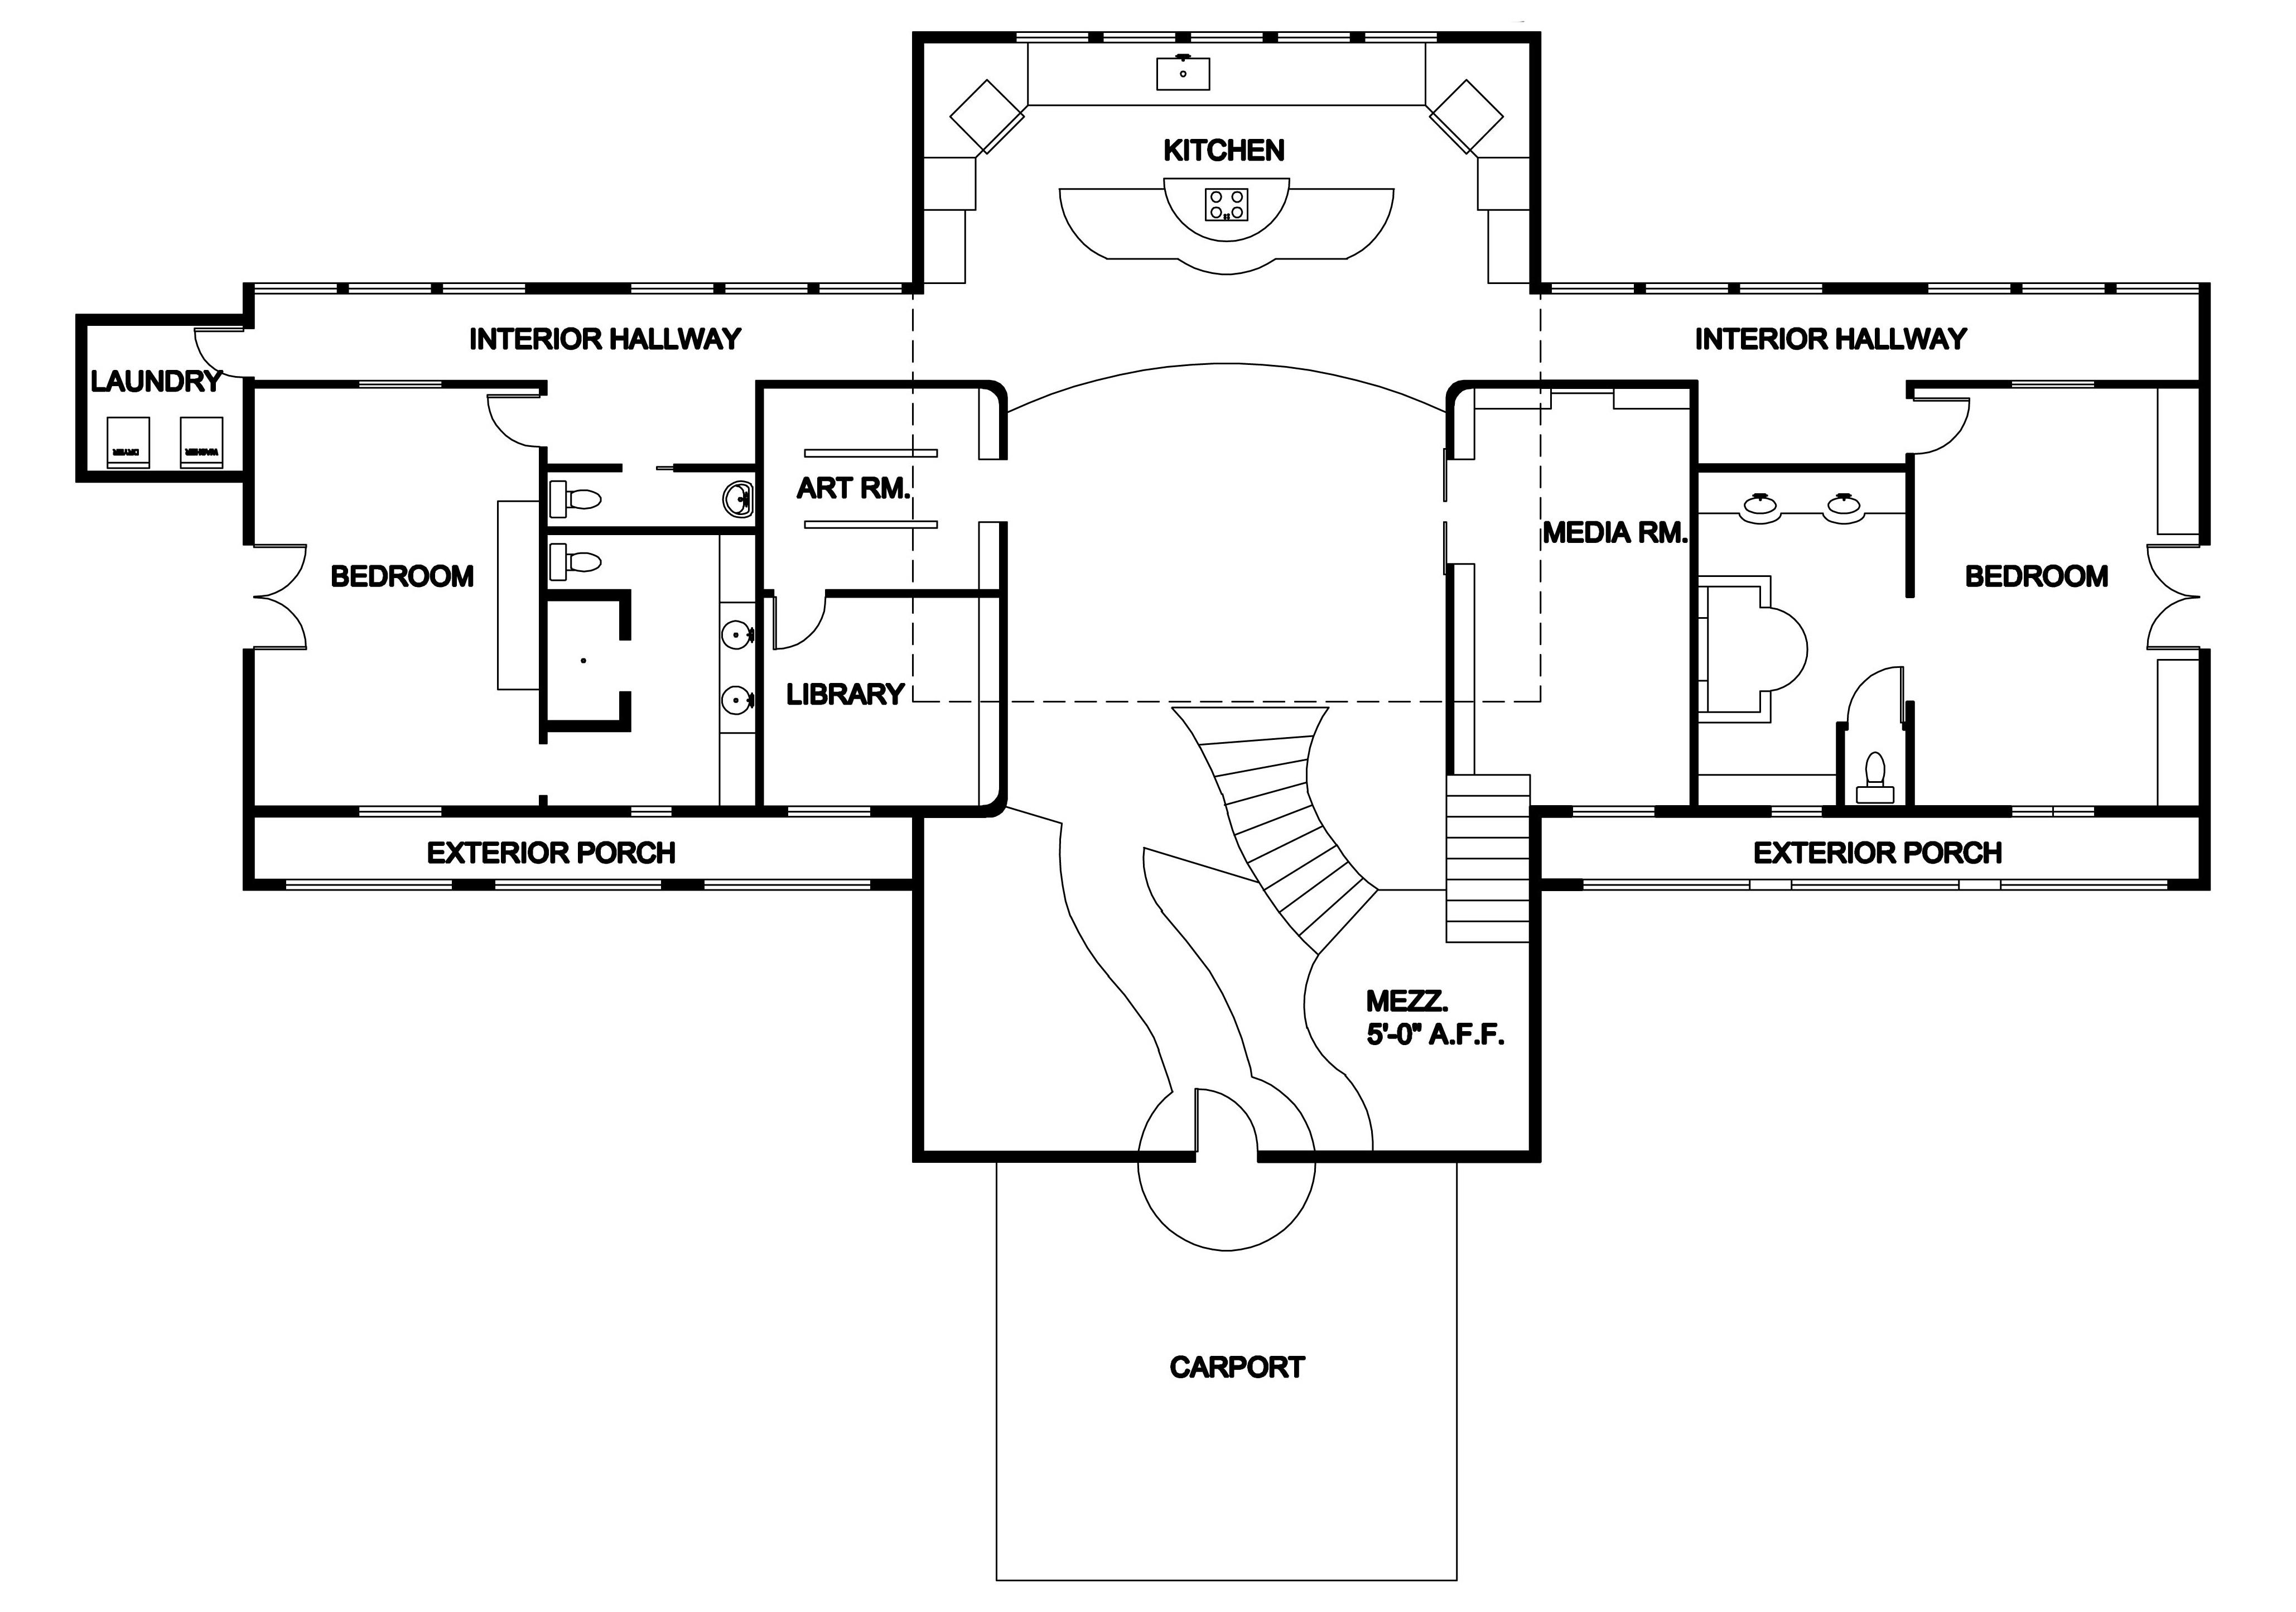 Hotel lobby floor plan - Lewis Residence 1st Floor Floor Plan